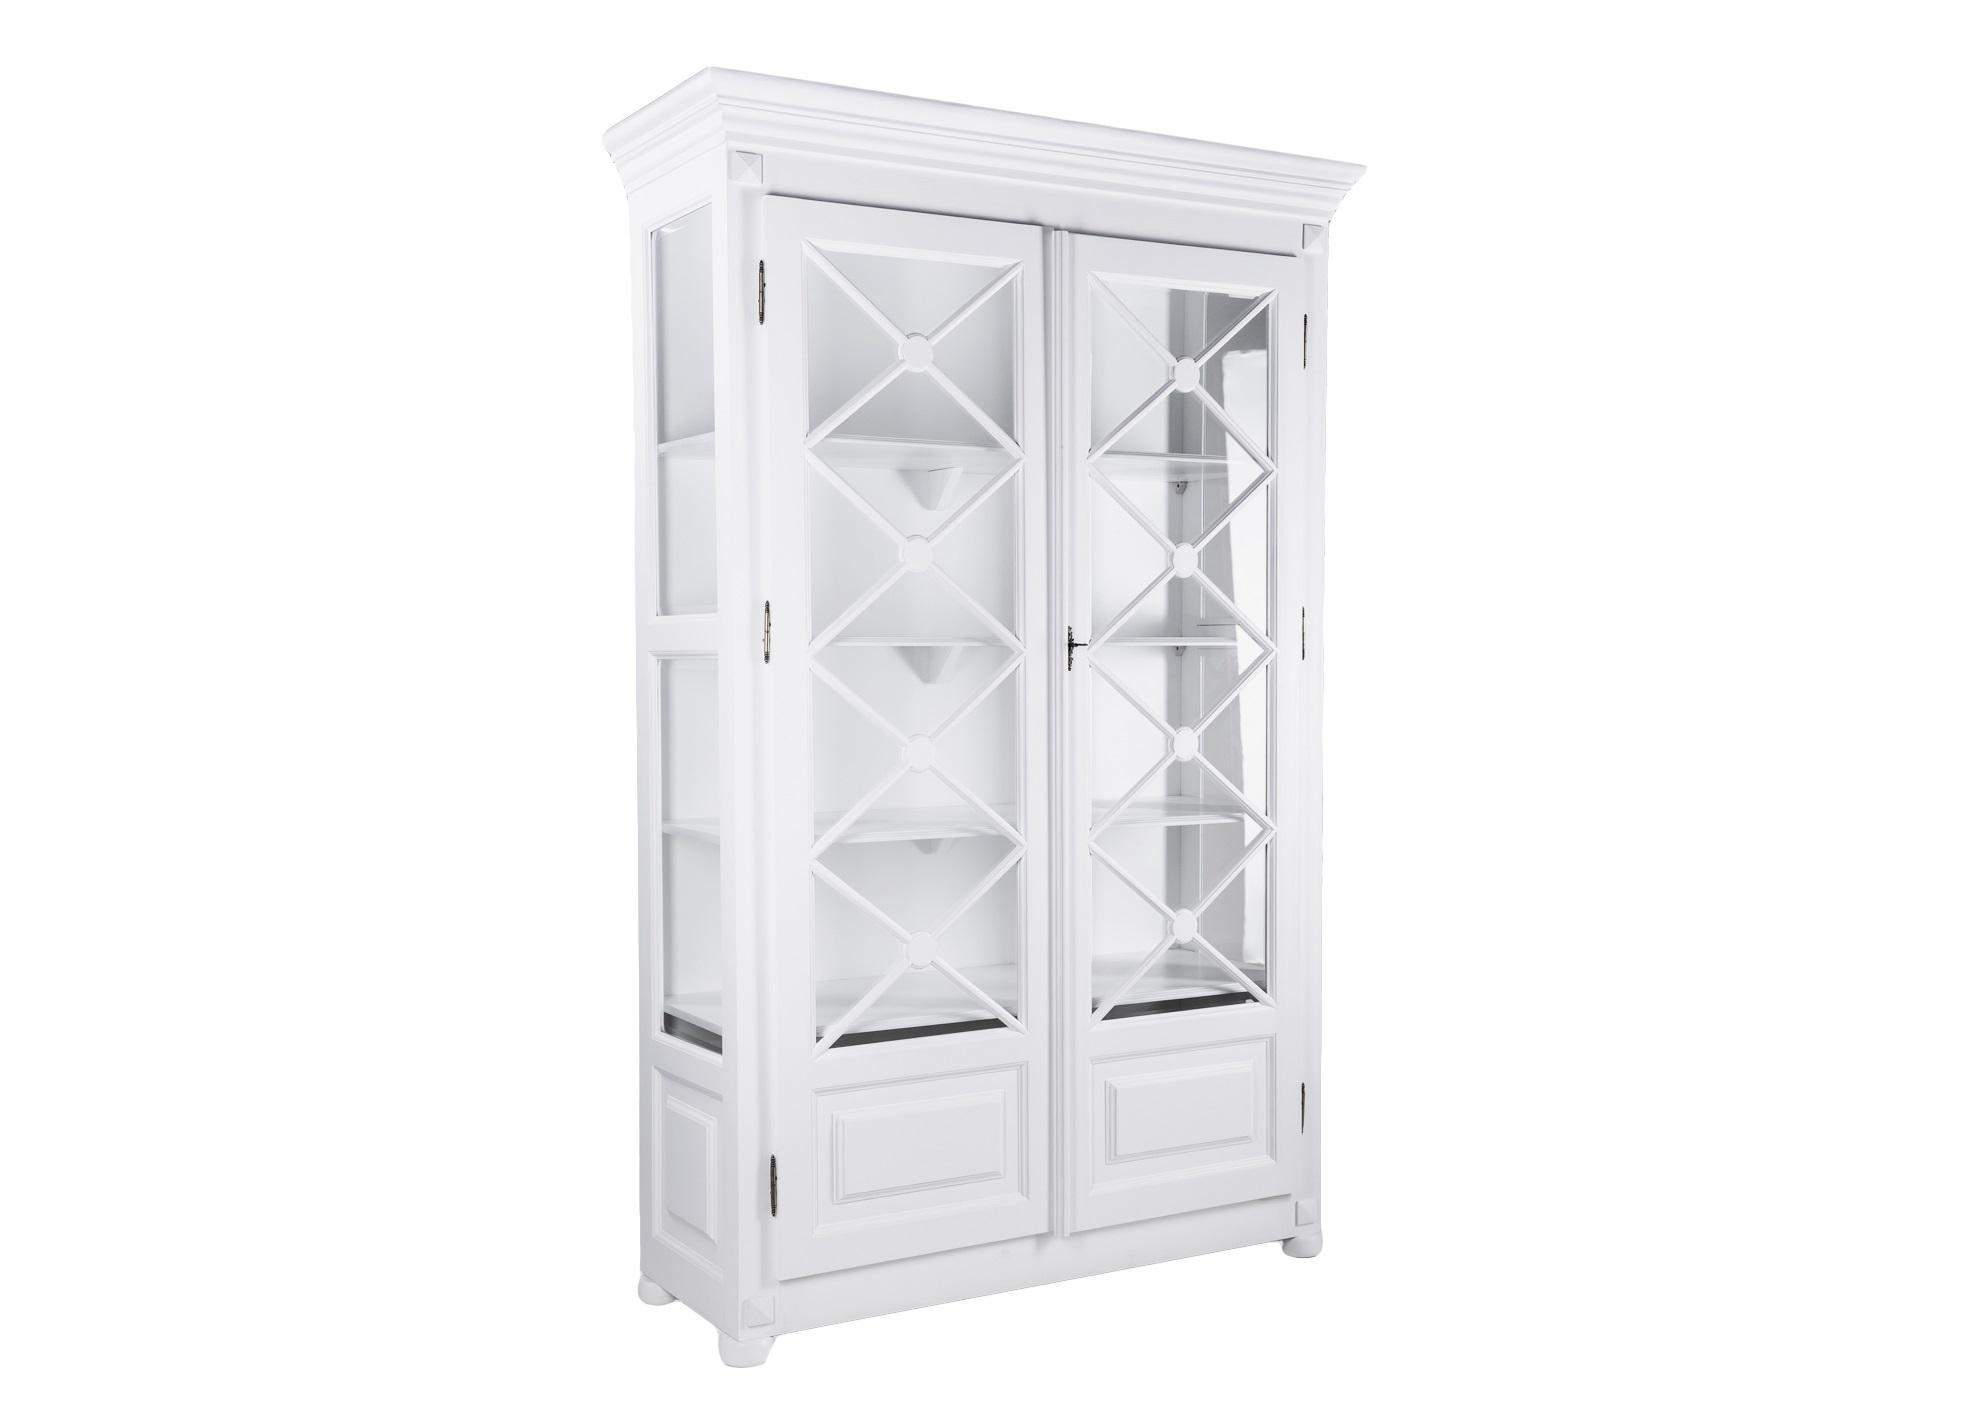 Библиотека «Адам»Книжные шкафы и библиотеки<br>Библиотека (витрина) в классическом стиле. Декорированные дверцы со стеклом, стекло по бокам. Цвет белый. Запирается на ключ.<br><br>Material: Красное дерево<br>Width см: 131<br>Depth см: 48<br>Height см: 220